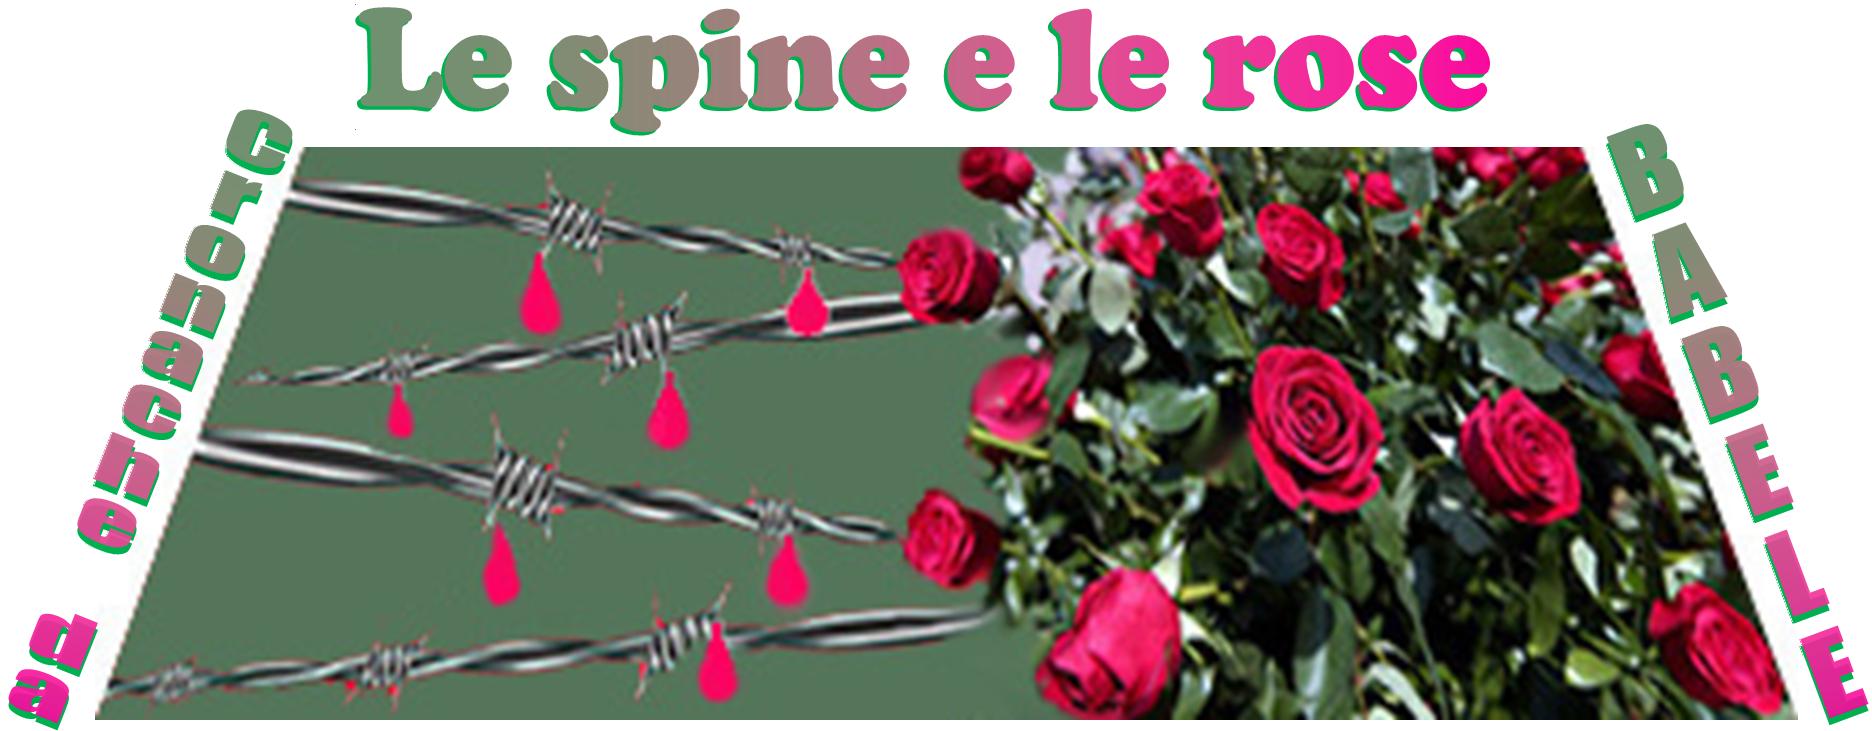 Le spine e le rose